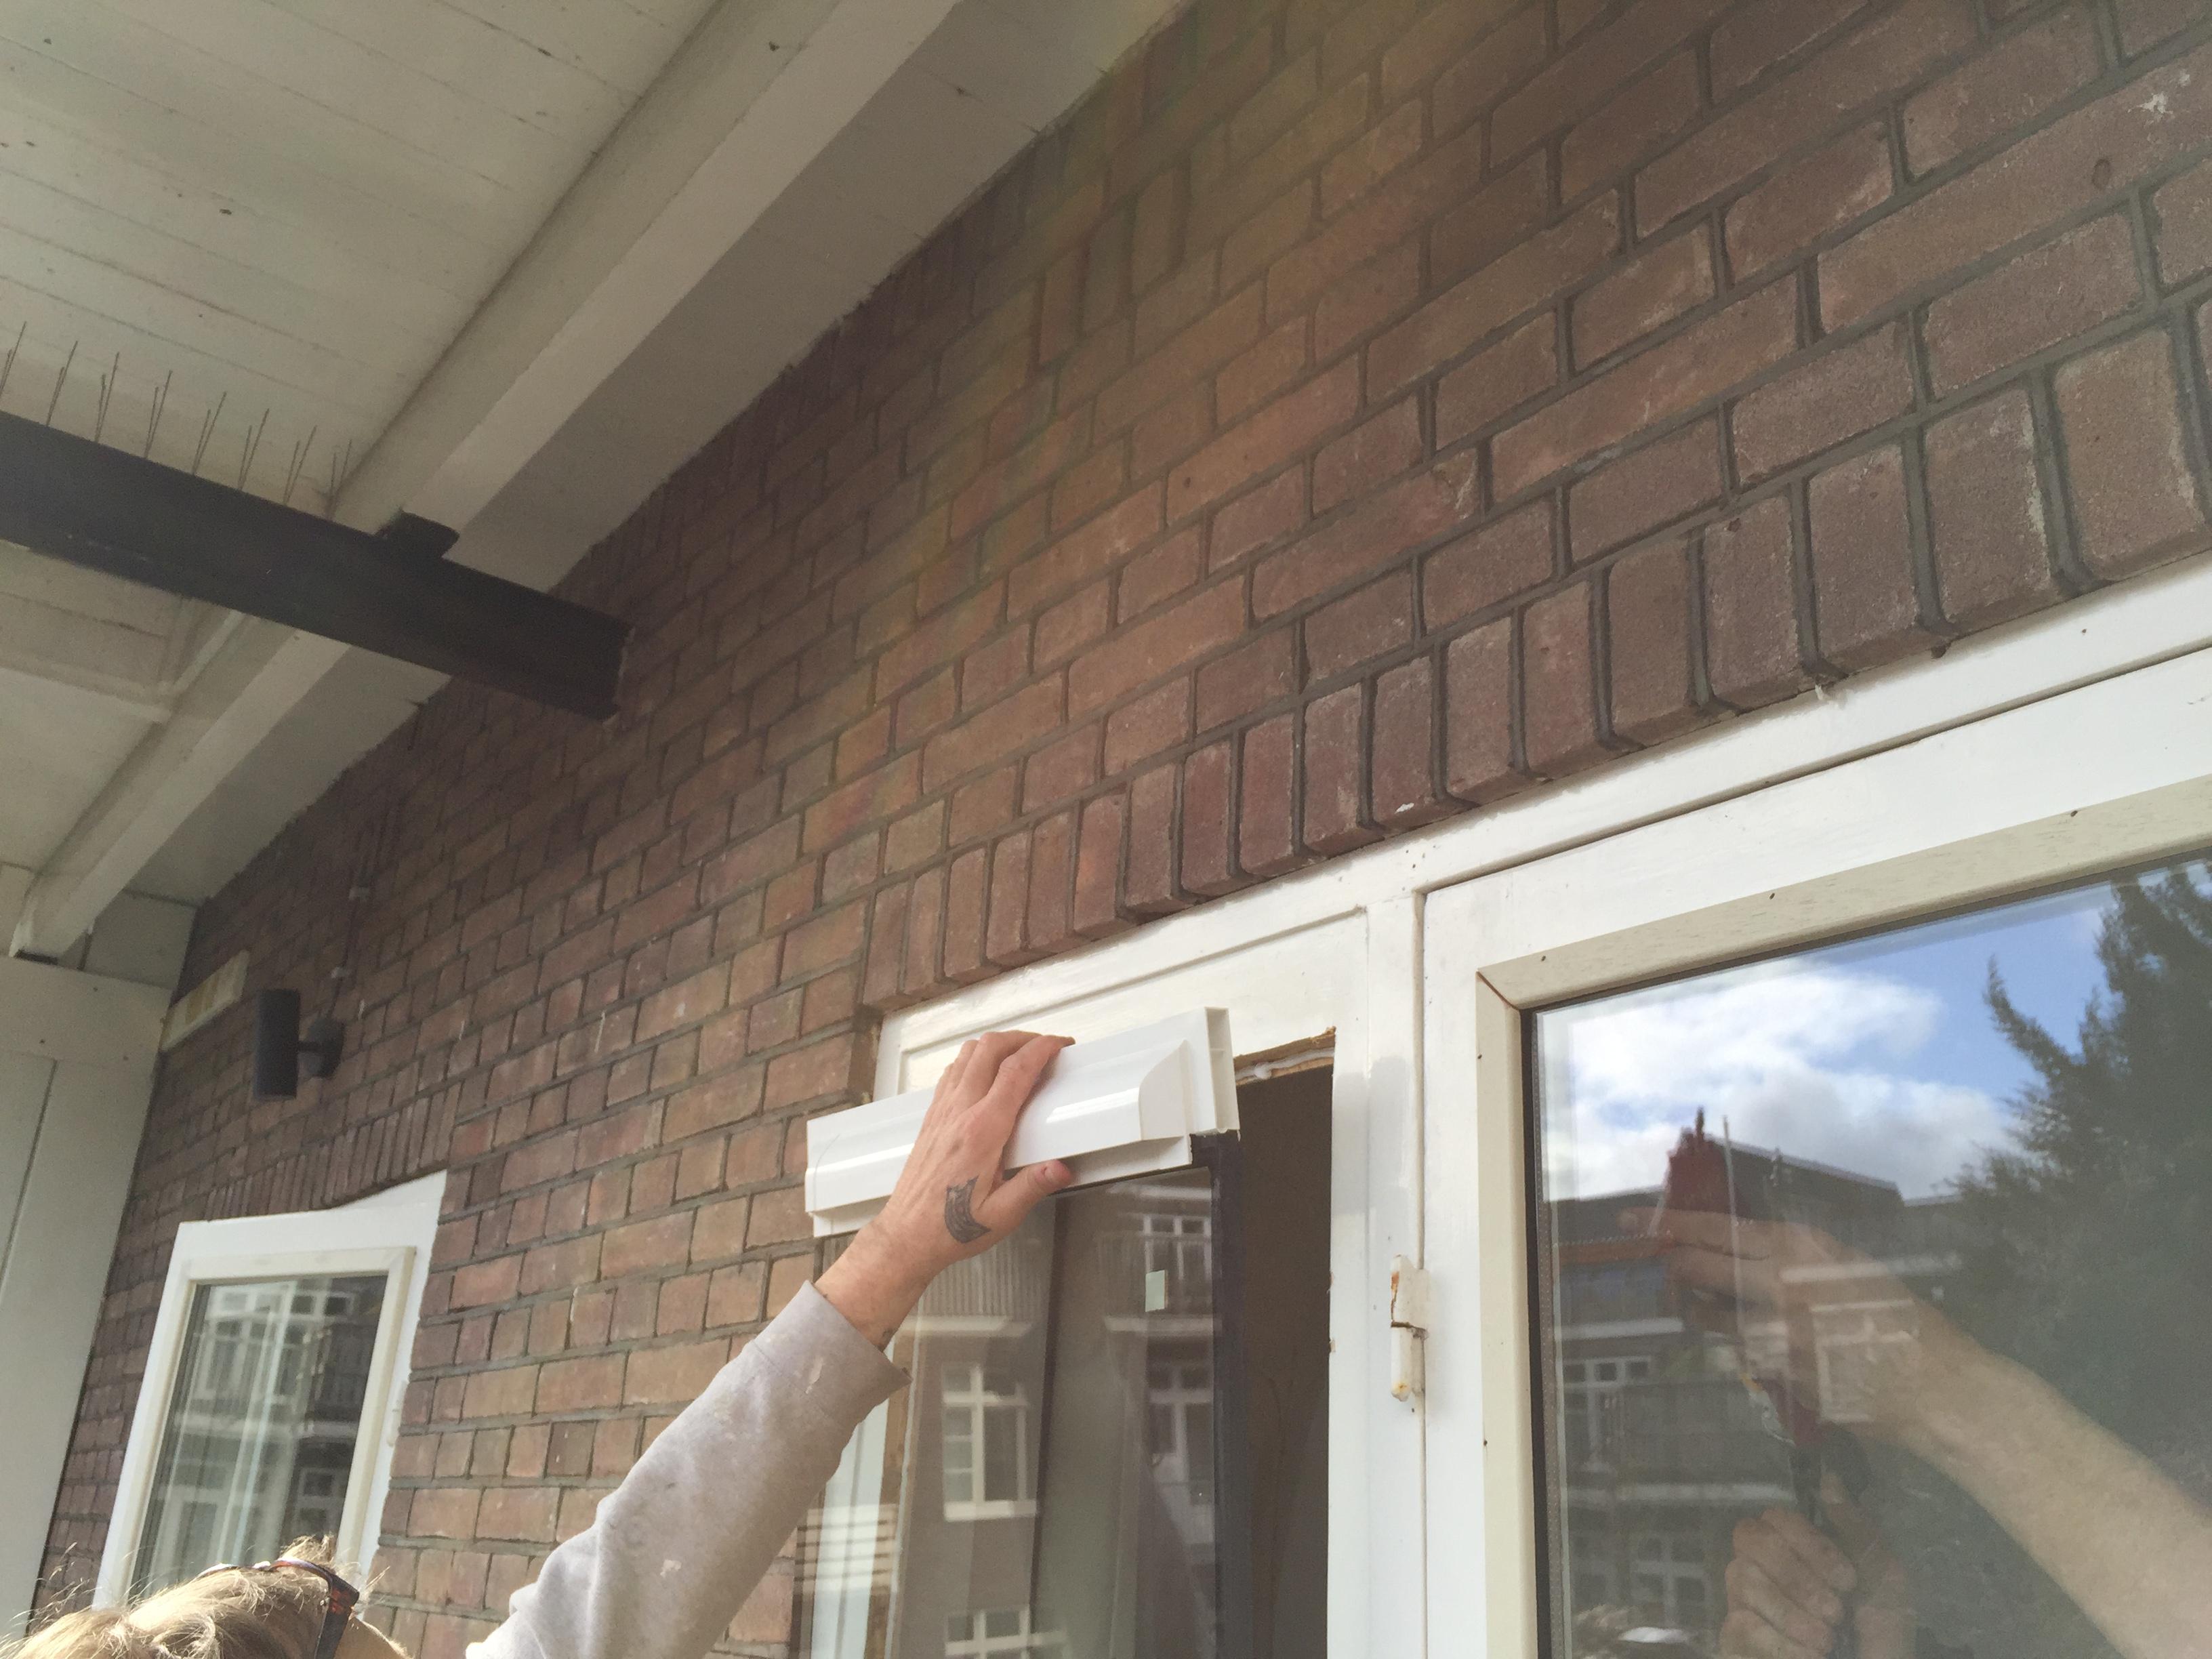 Uitzonderlijk Ventilatierooster in raam (TIP) | voordemakers.nl UC82